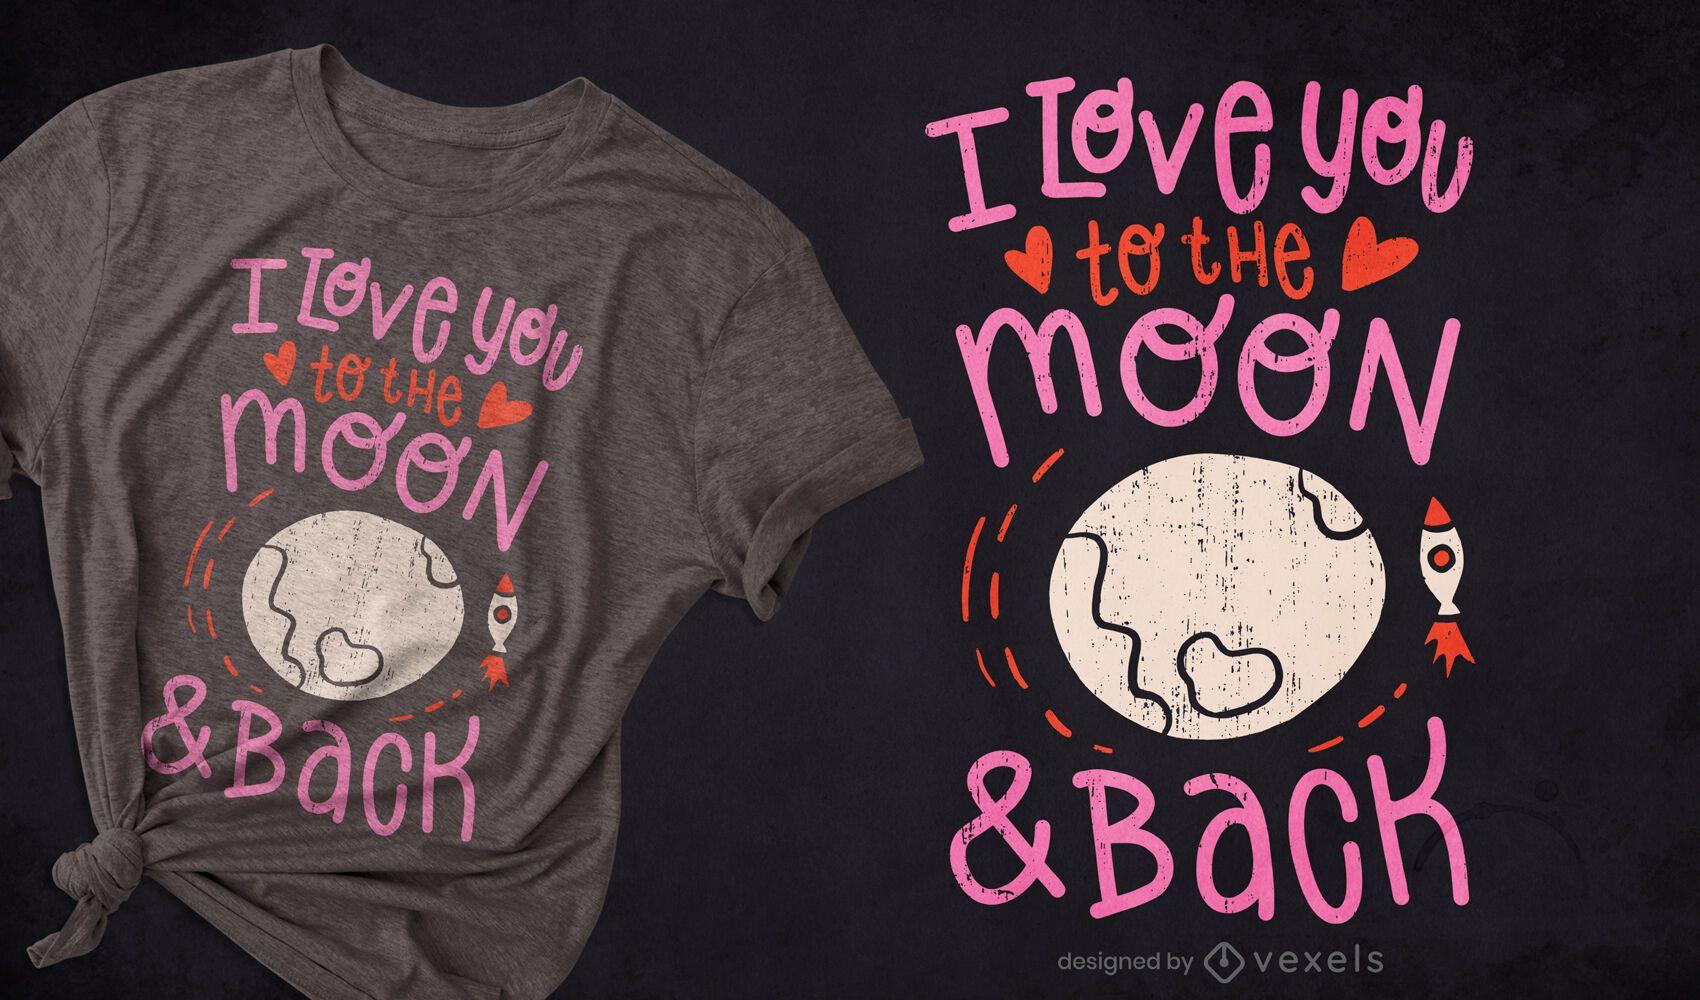 I love you t-shirt design